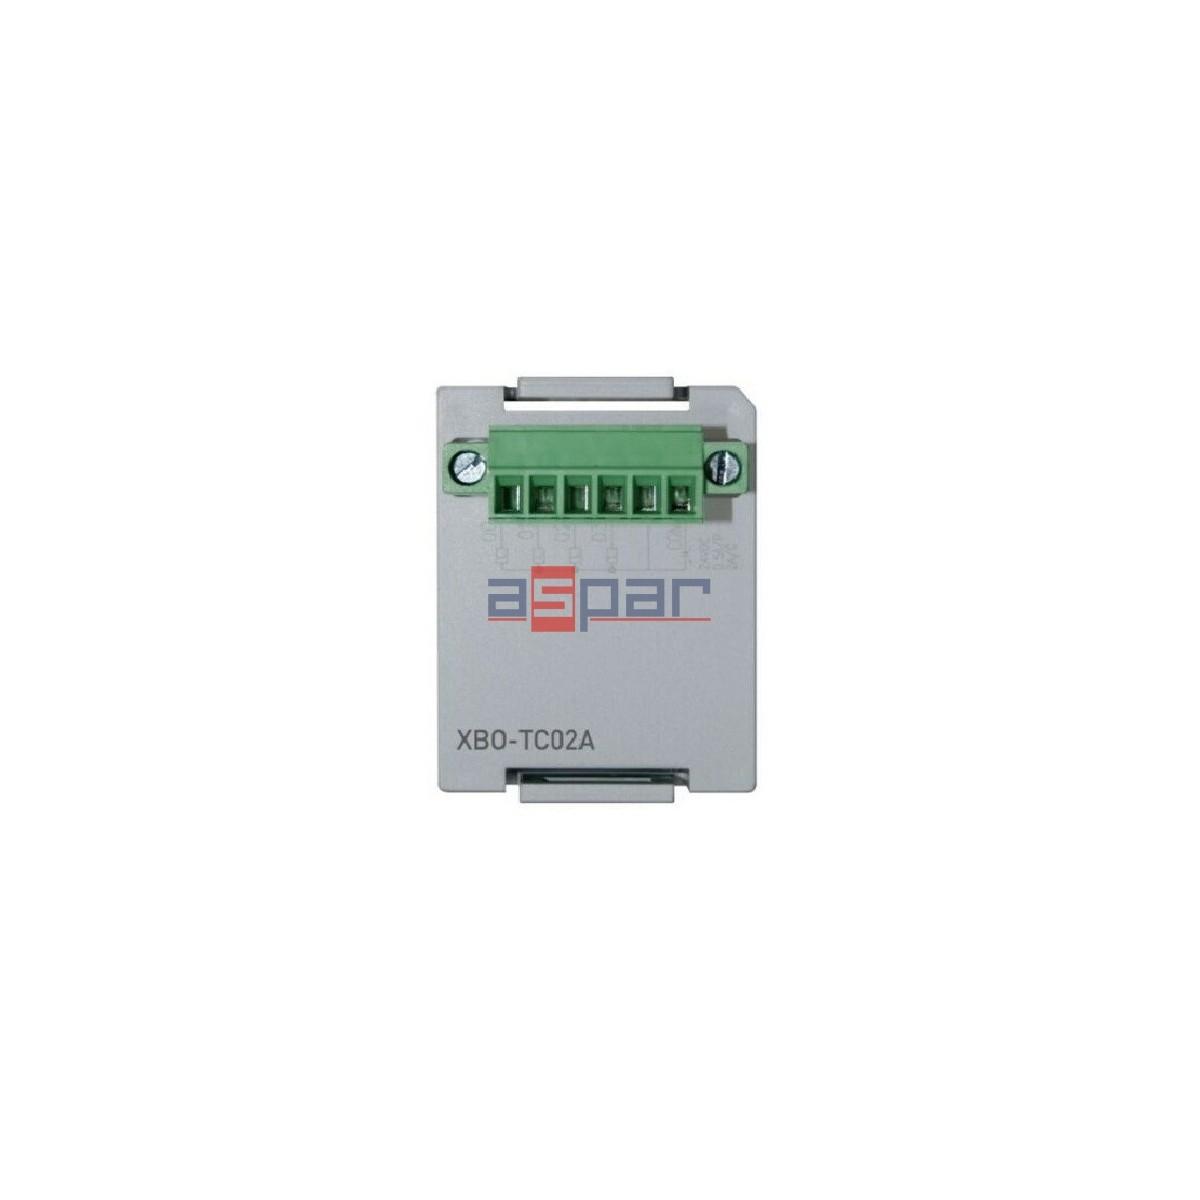 XBO-TC02A - 2-ch TC input